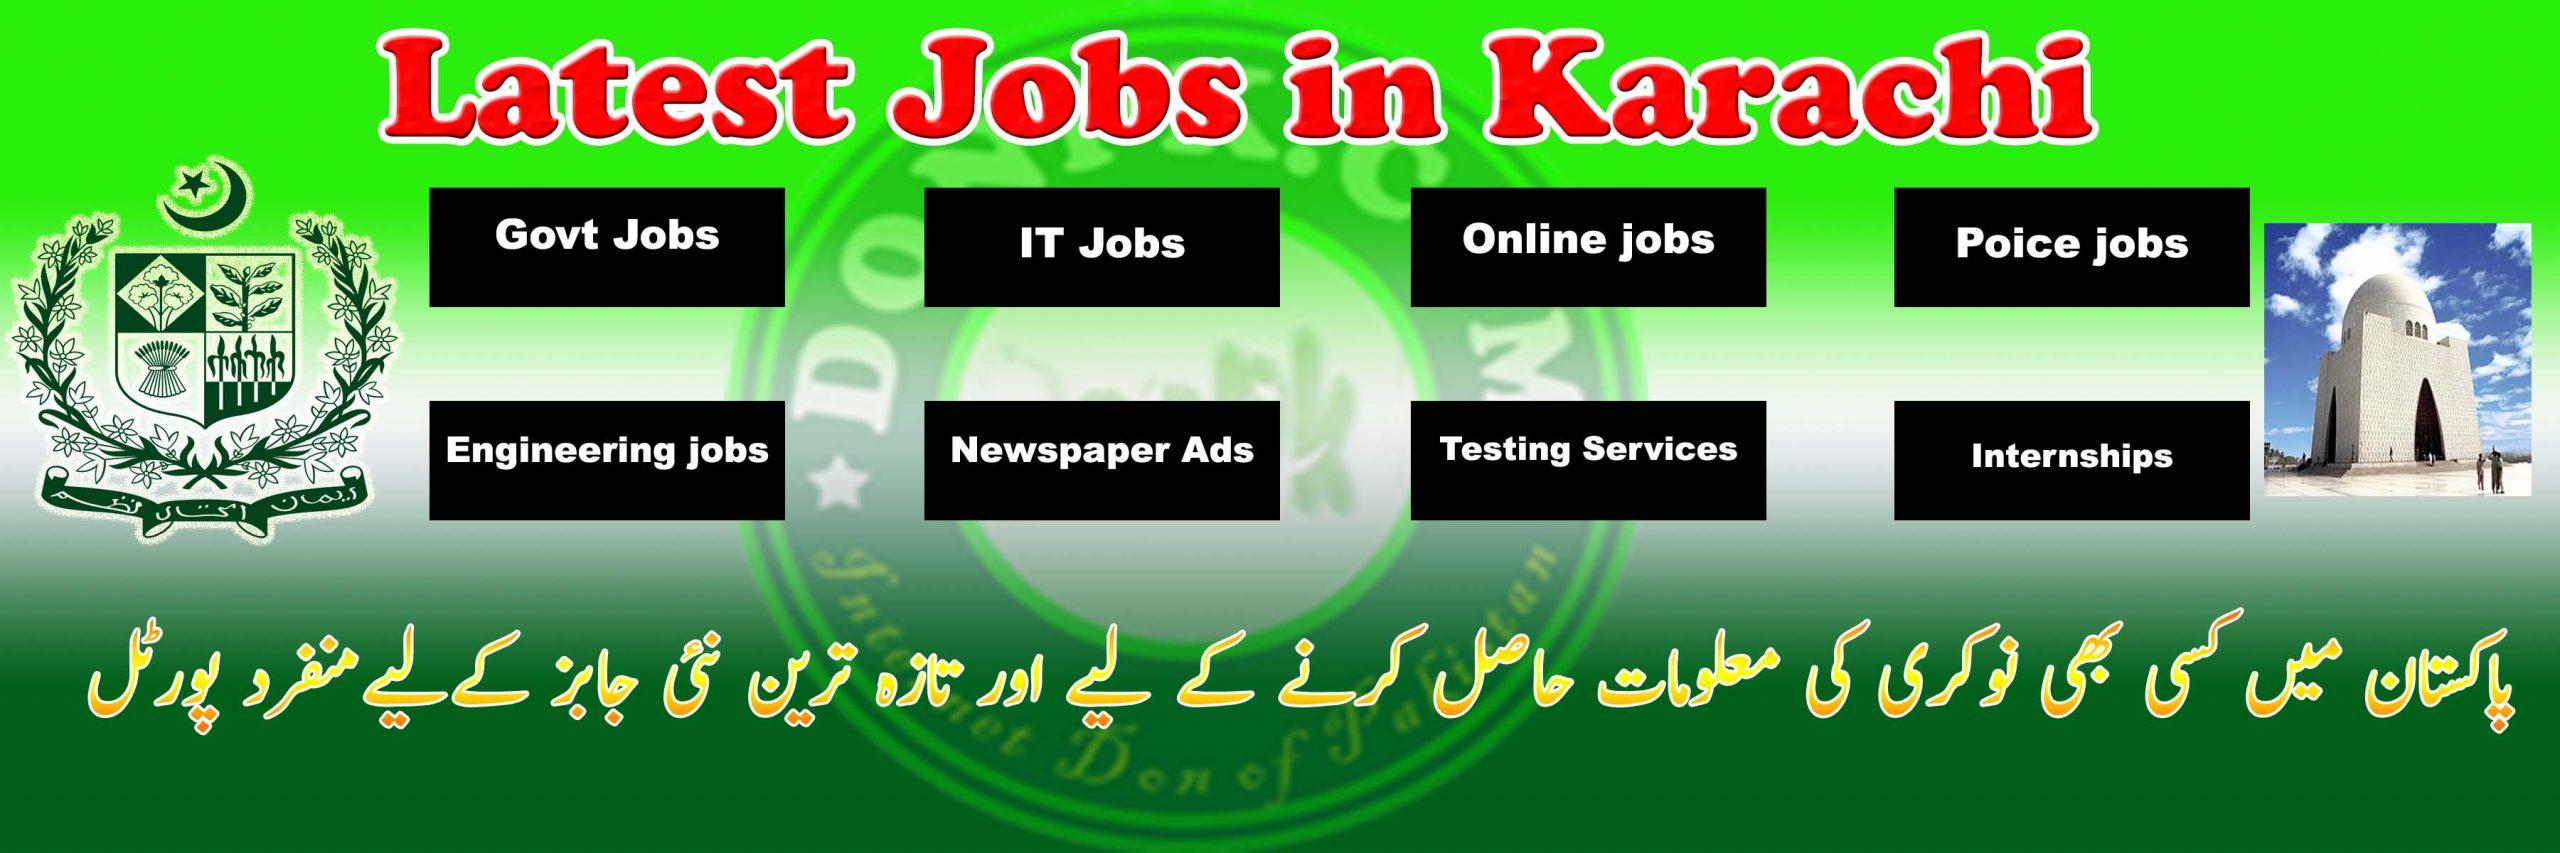 Today Jobs in Karachi